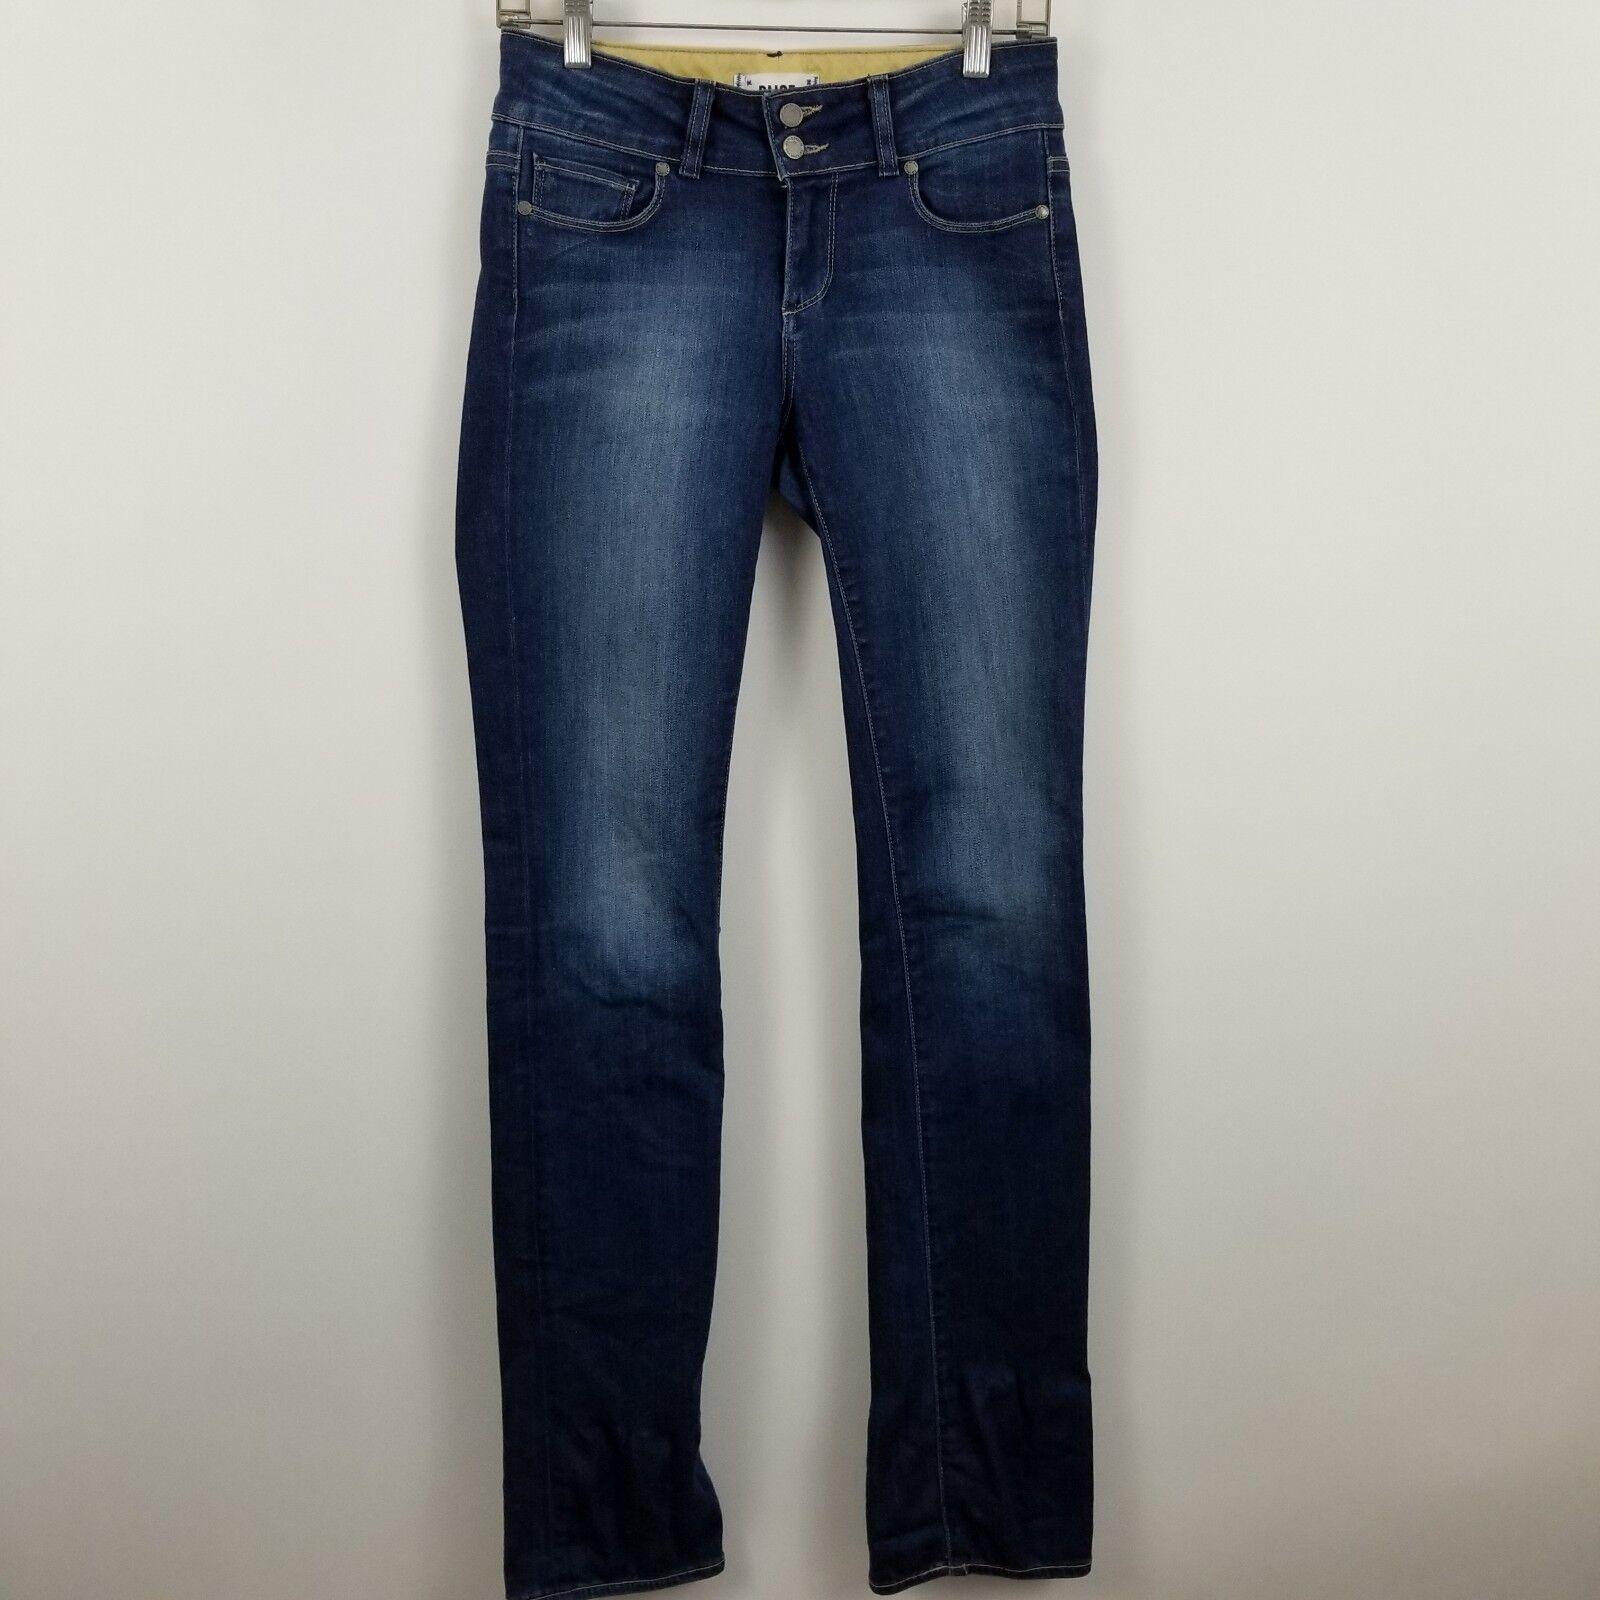 Paige Hidden Hills Straight Women's Dark Wash bluee Jeans Size 26